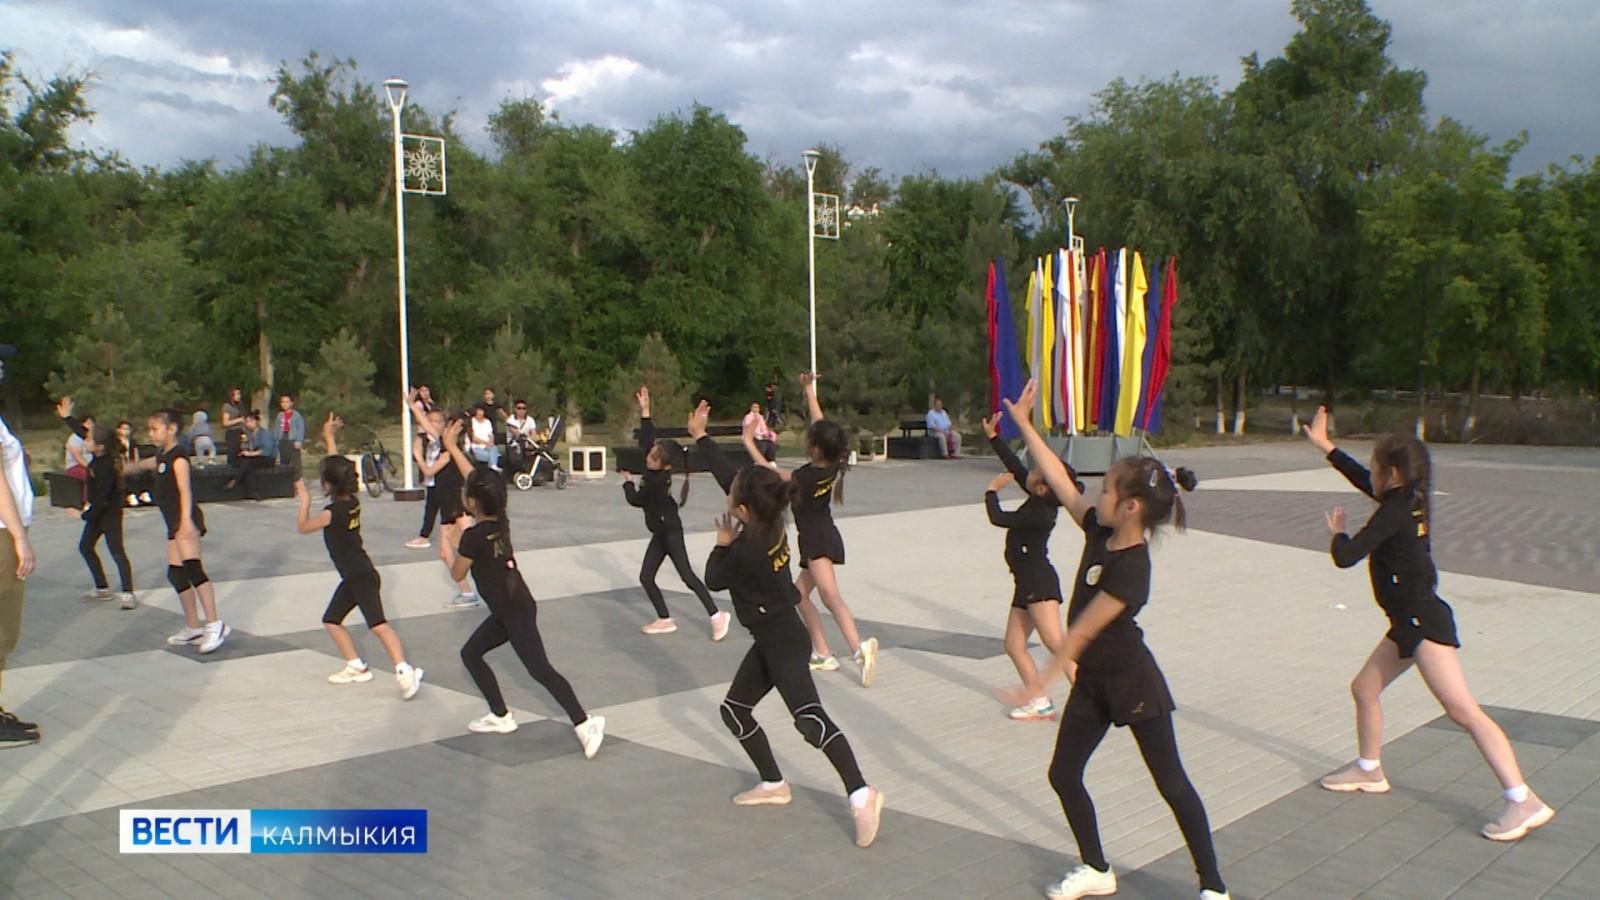 В парке Дружба начались репетиции празднования Дня России